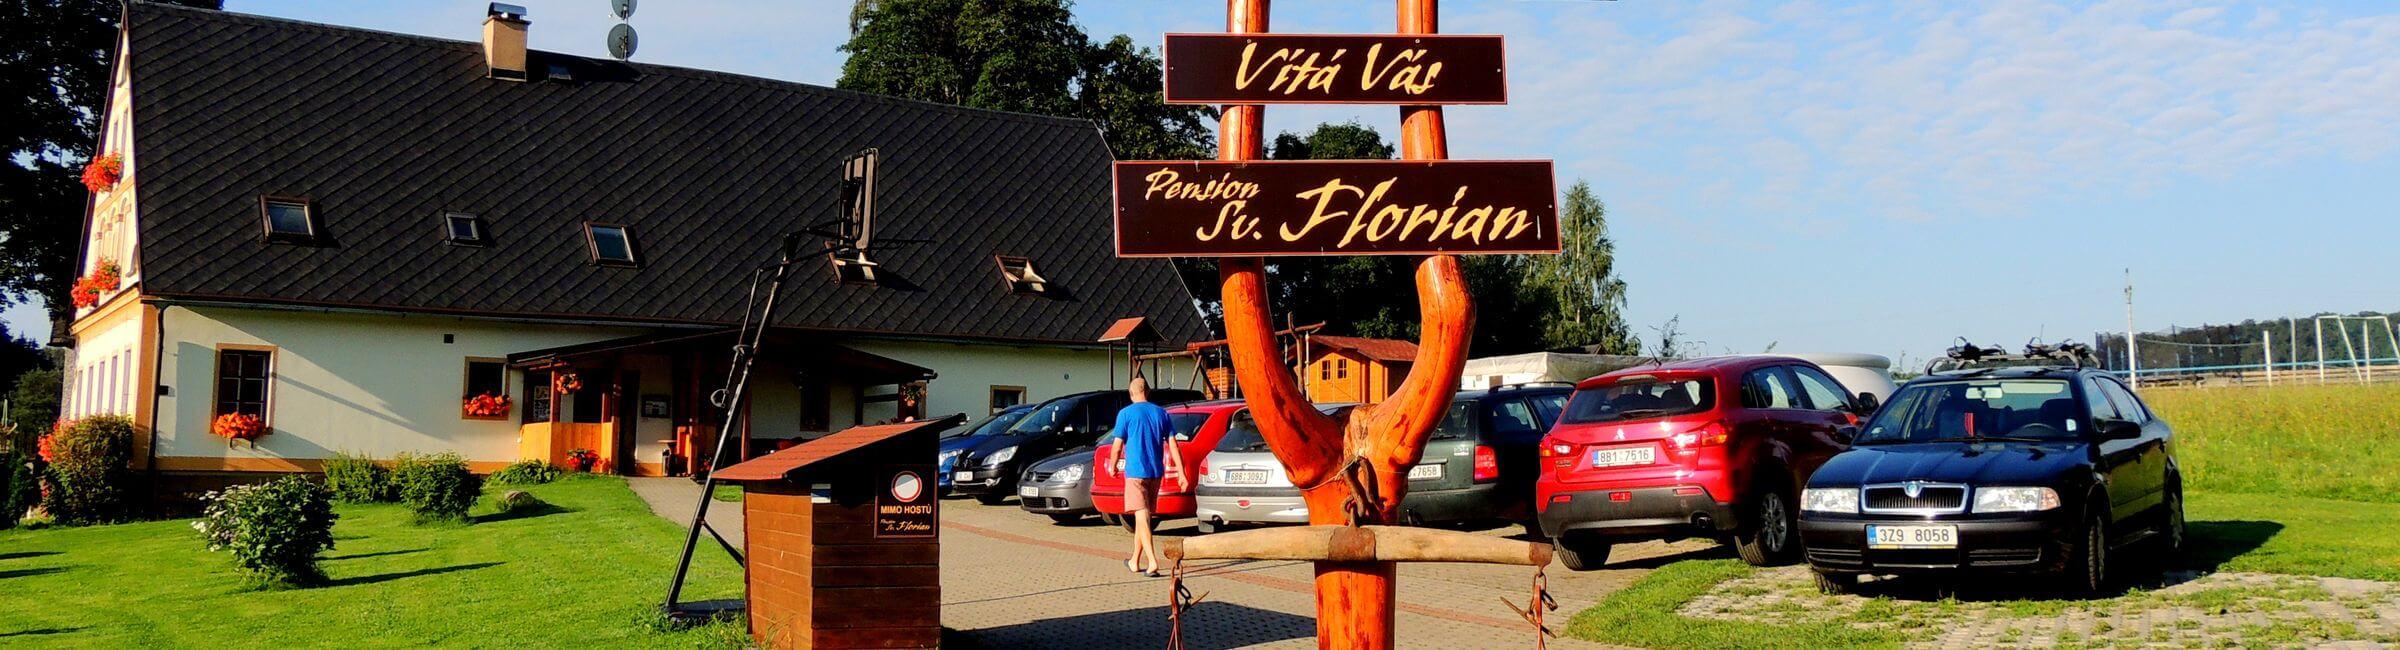 Příjezd a parkoviště do pensionu Svatý Florián ve Zdoňově u Adršpachu